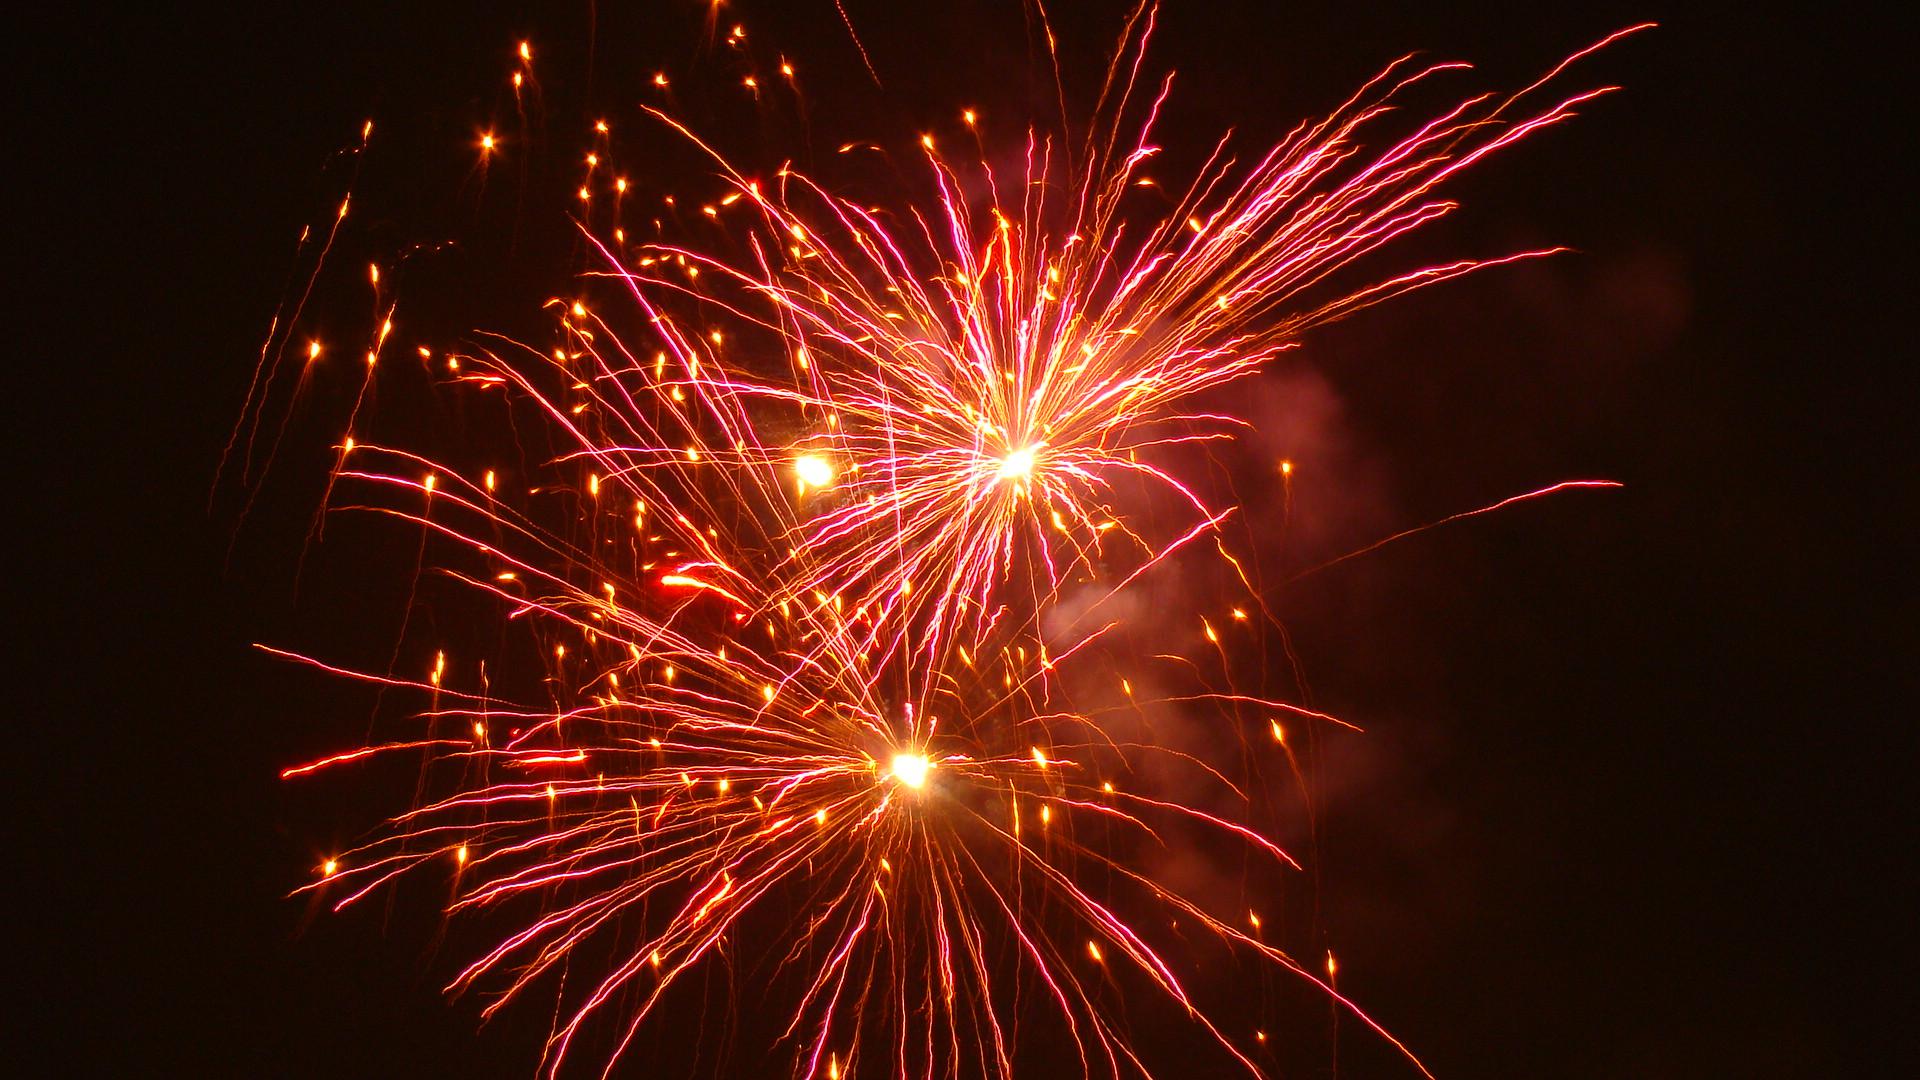 Happy Diwali Wishes In Sanskrit